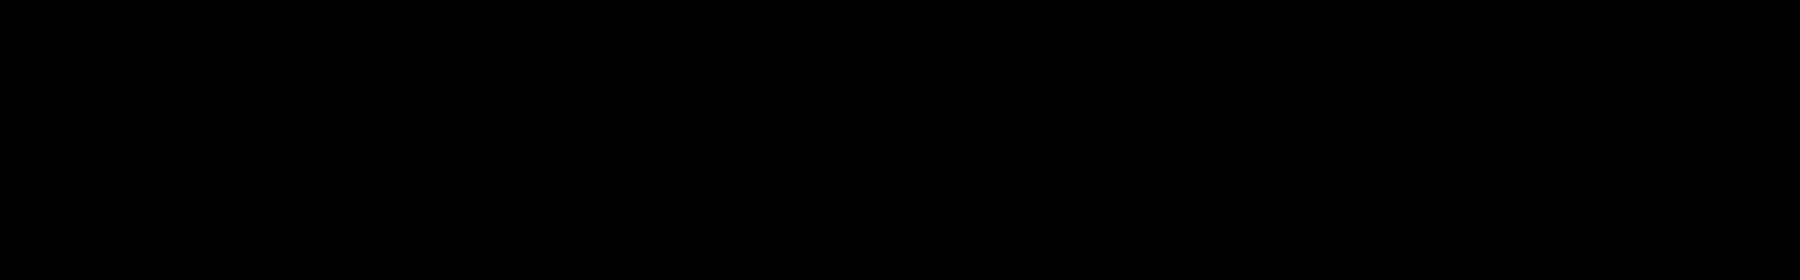 ARMADEEP audio waveform